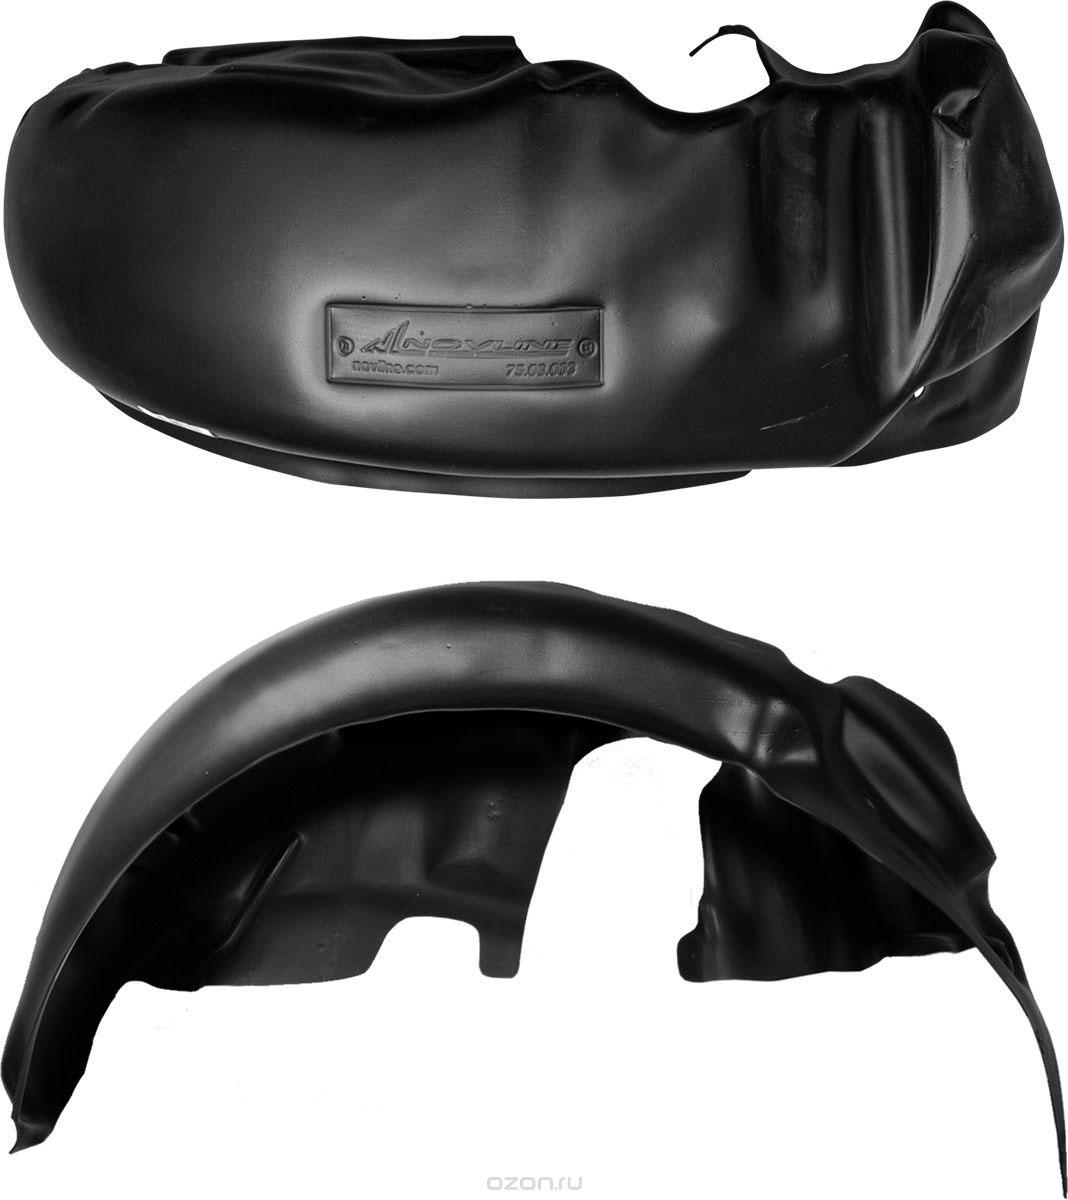 Подкрылок Novline-Autofamily, для CHERY A13, 2010-> сед., задний правыйNLL.63.09.004Идеальная защита колесной ниши. Локеры разработаны с применением цифровых технологий, гарантируют максимальную повторяемость поверхности арки. Изделия устанавливаются без нарушения лакокрасочного покрытия автомобиля, каждый подкрылок комплектуется крепежом. Уважаемые клиенты, обращаем ваше внимание, что фотографии на подкрылки универсальные и не отражают реальную форму изделия. При этом само изделие идет точно под размер указанного автомобиля.